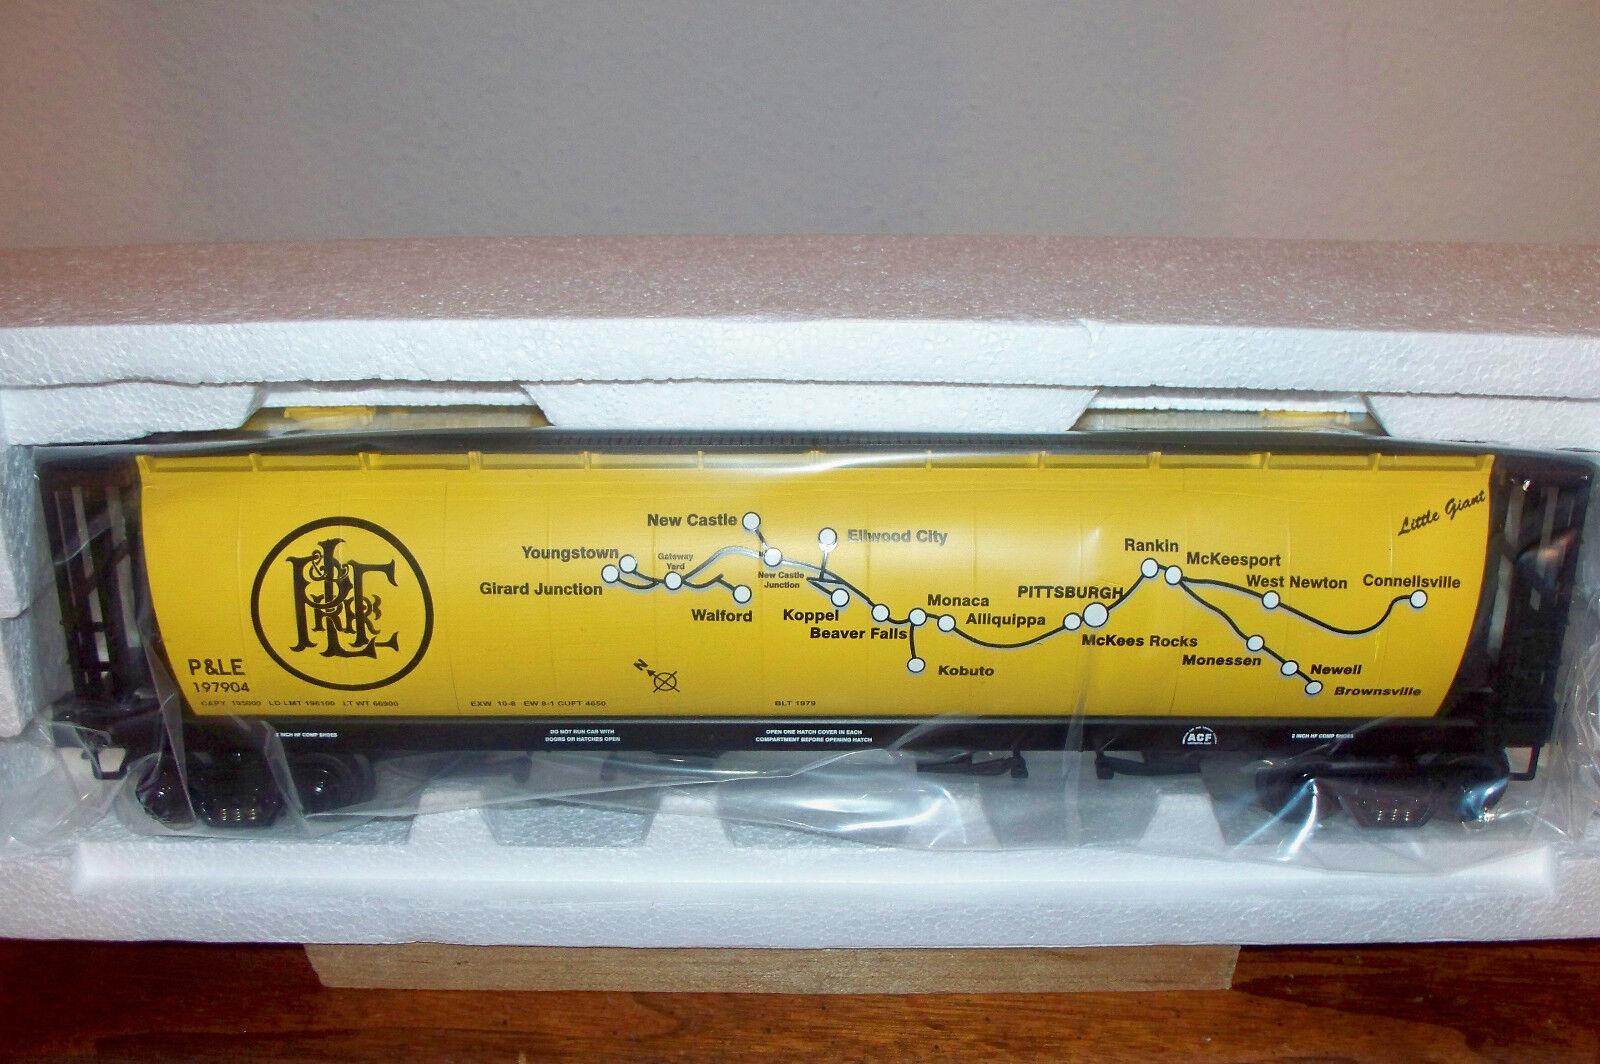 MTH TRAIN PITTSBURGH & LAKE ERIE RAILROAD 4-BAY CYLINDRICAL HOPPER CAR